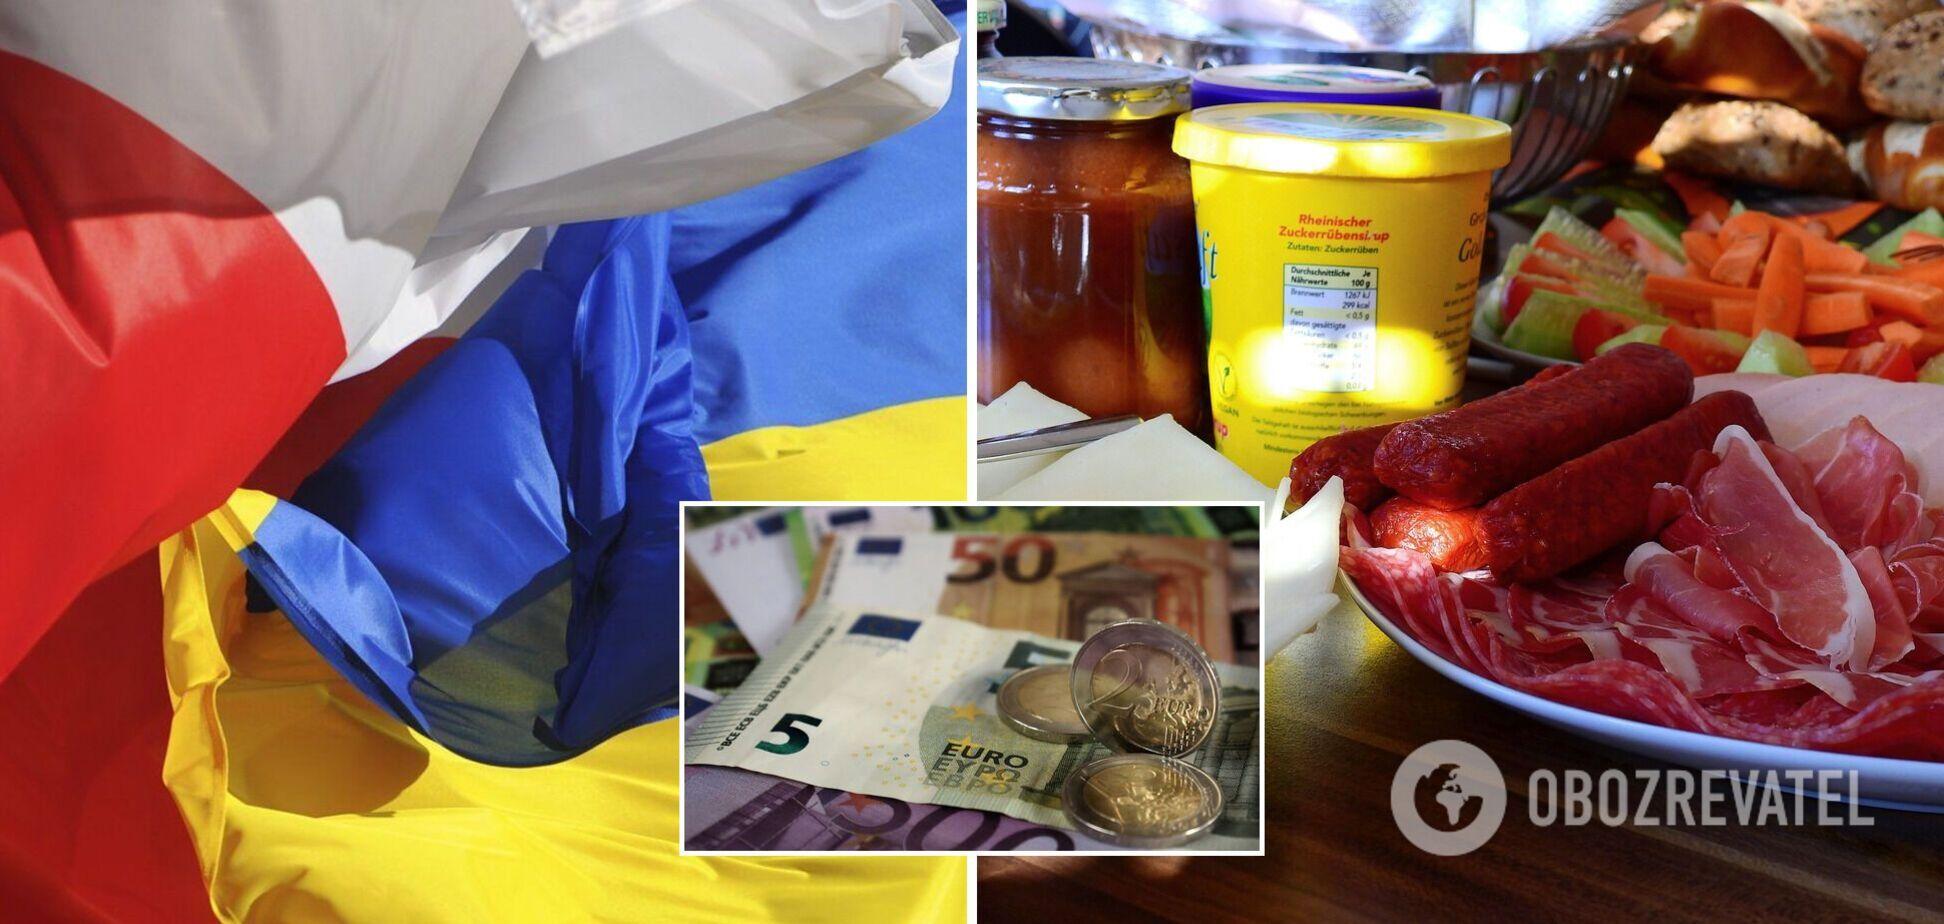 Траты на еду в ЕС и в Украине: эксперт сравнил суммы